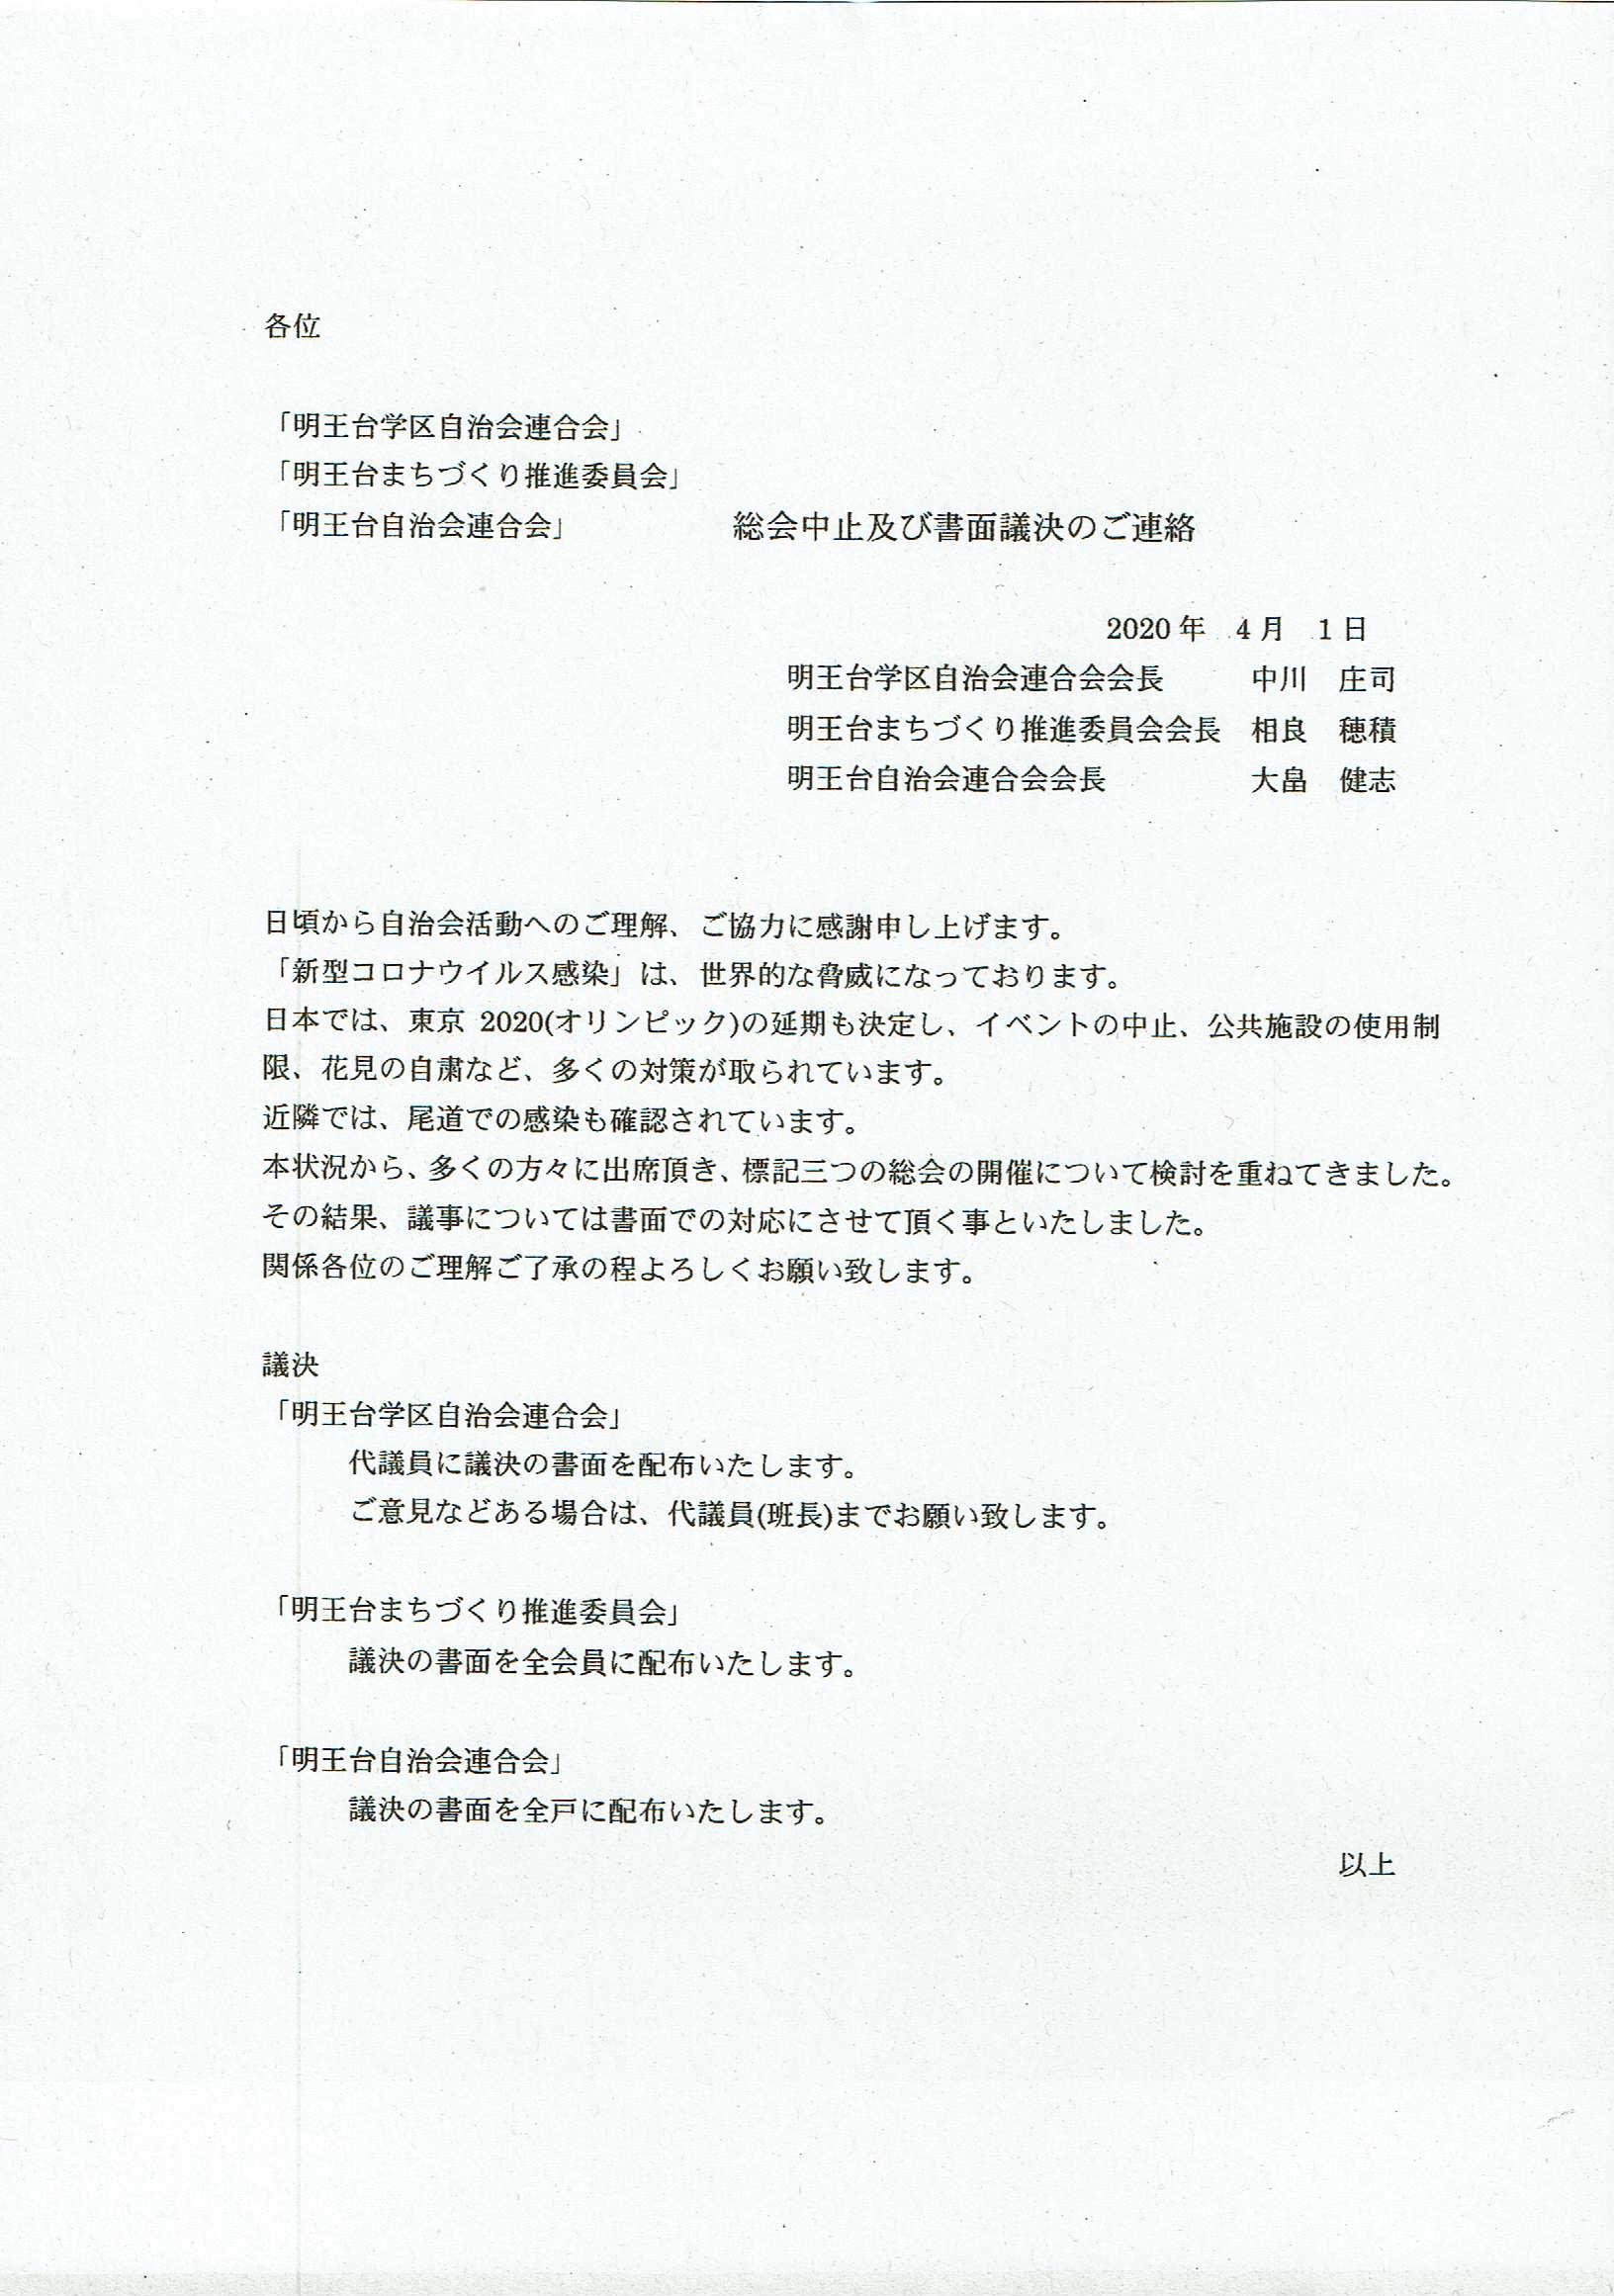 総會中止及び書面決議のご連絡 – 明王臺學區自治會連合會